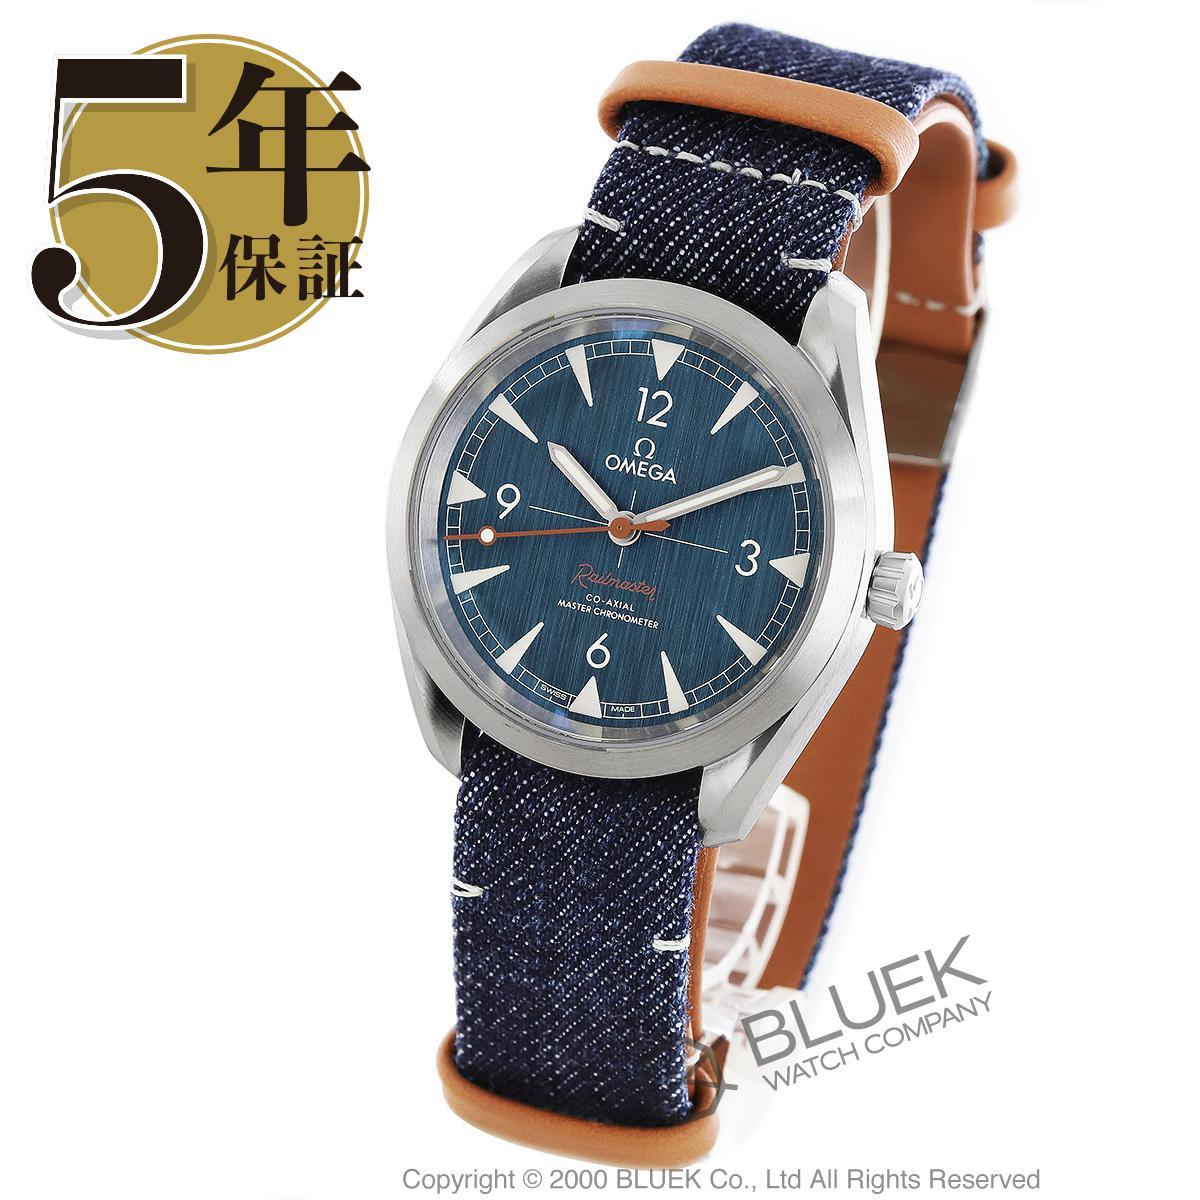 オメガ シーマスター レイルマスター マスタークロノメーター 腕時計 メンズ OMEGA 220.12.40.20.03.001_8